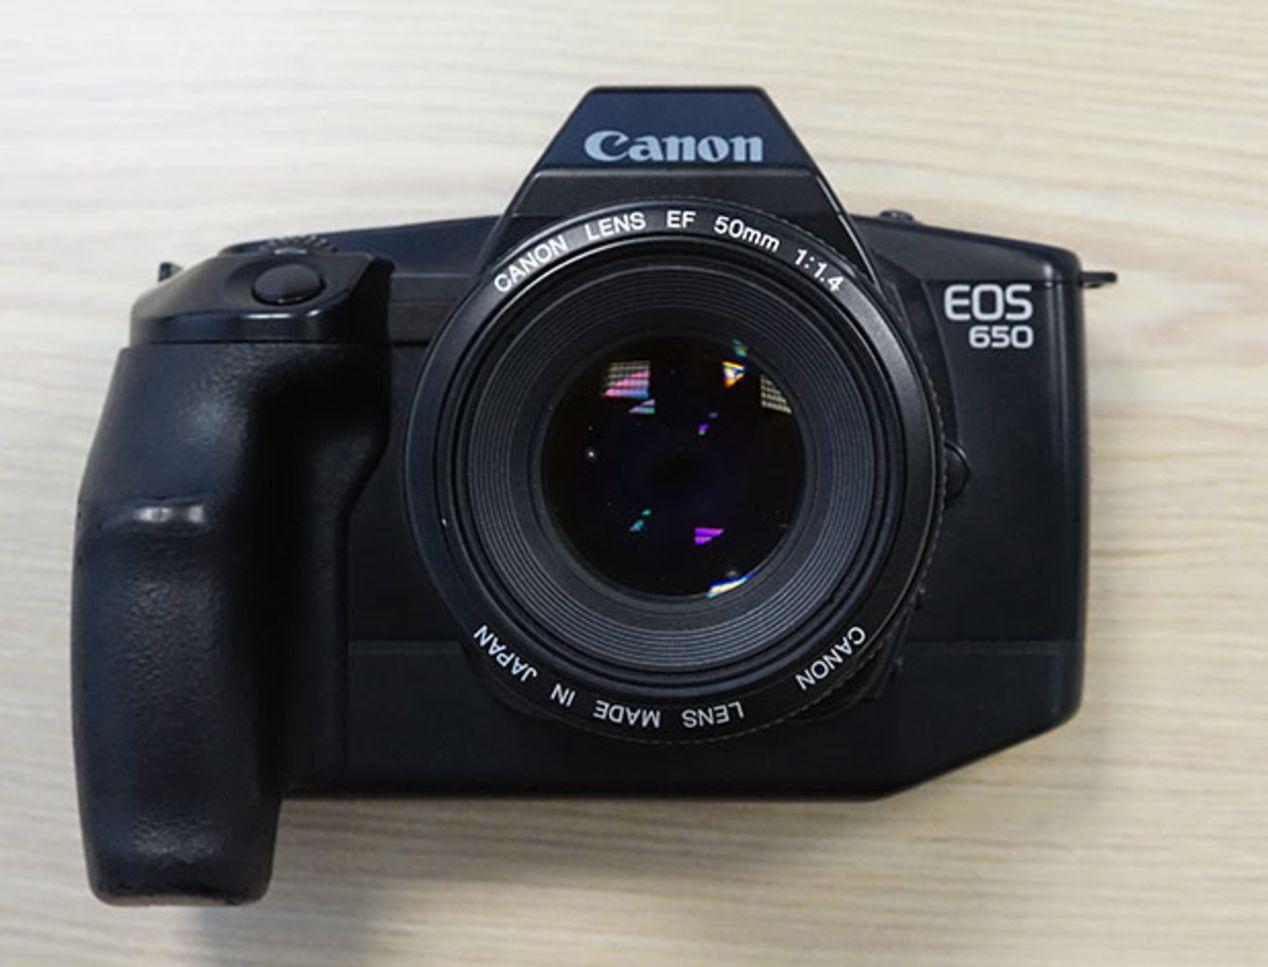 Canon EOS 650 ~$30.